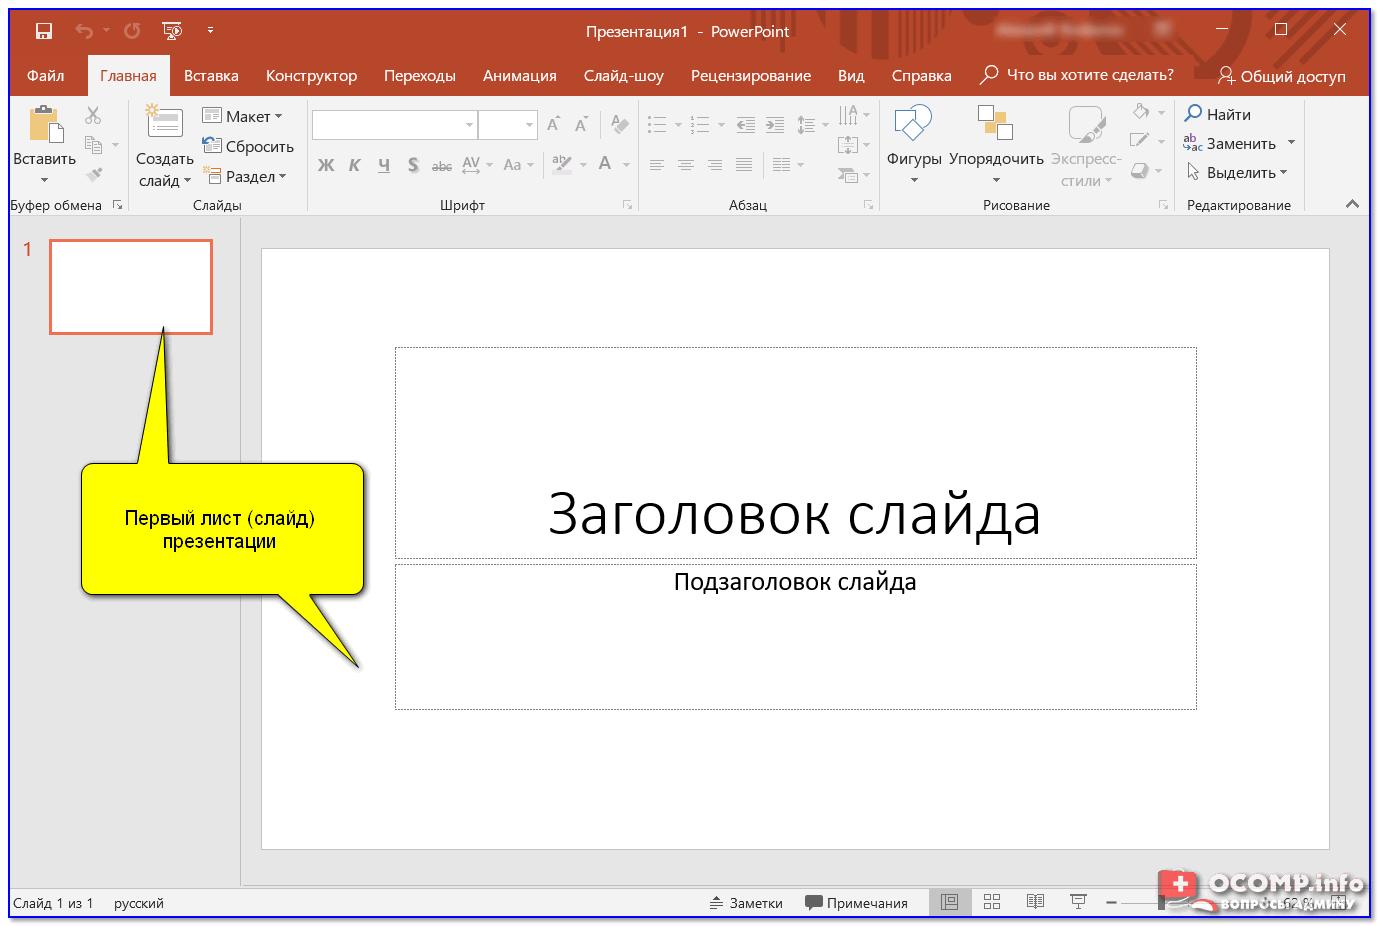 Как сделать презентацию лучше: пошаговая инструкция   laba (лаба)